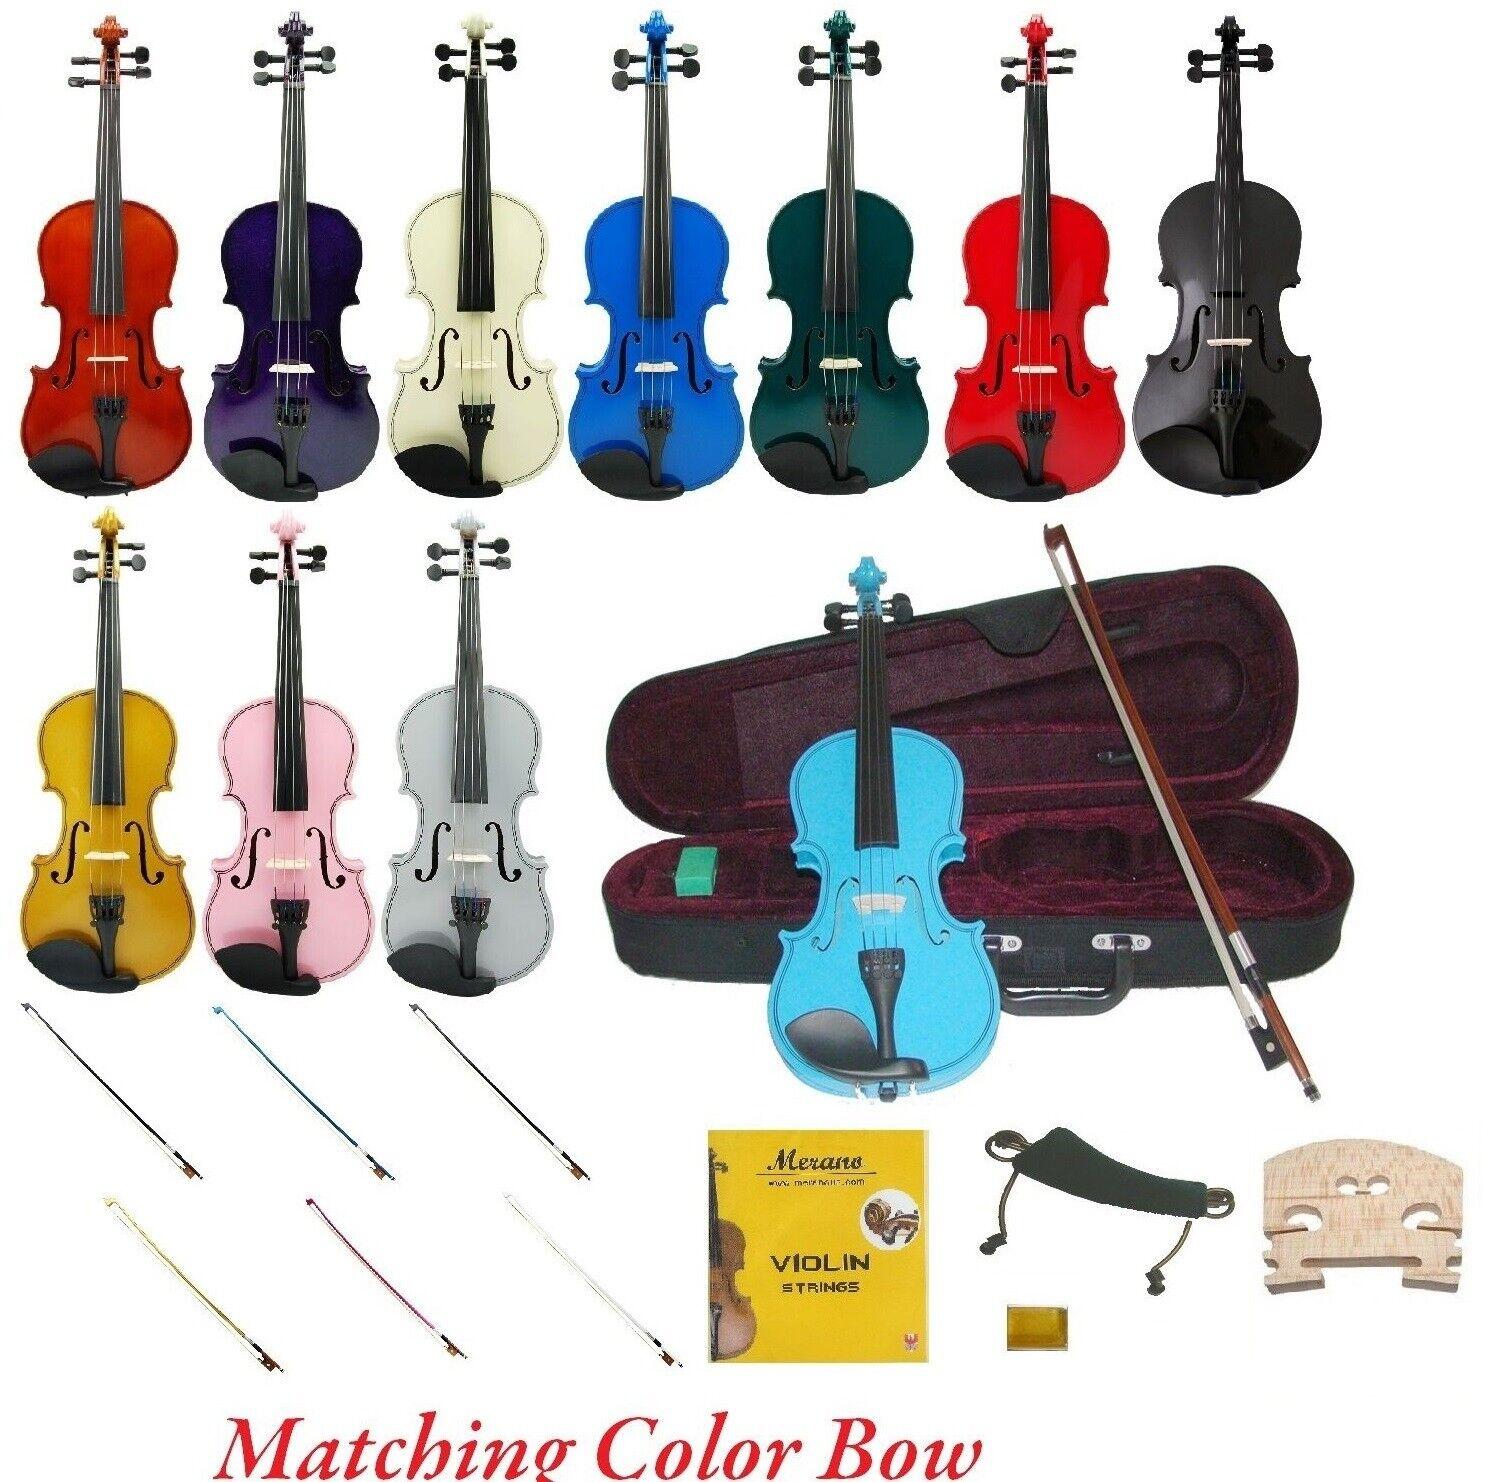 NEW STUDENT VIOLIN,2 BOWS, Case,2 Sets Strings,2 Bridges,Shoulder Rest,Rosin